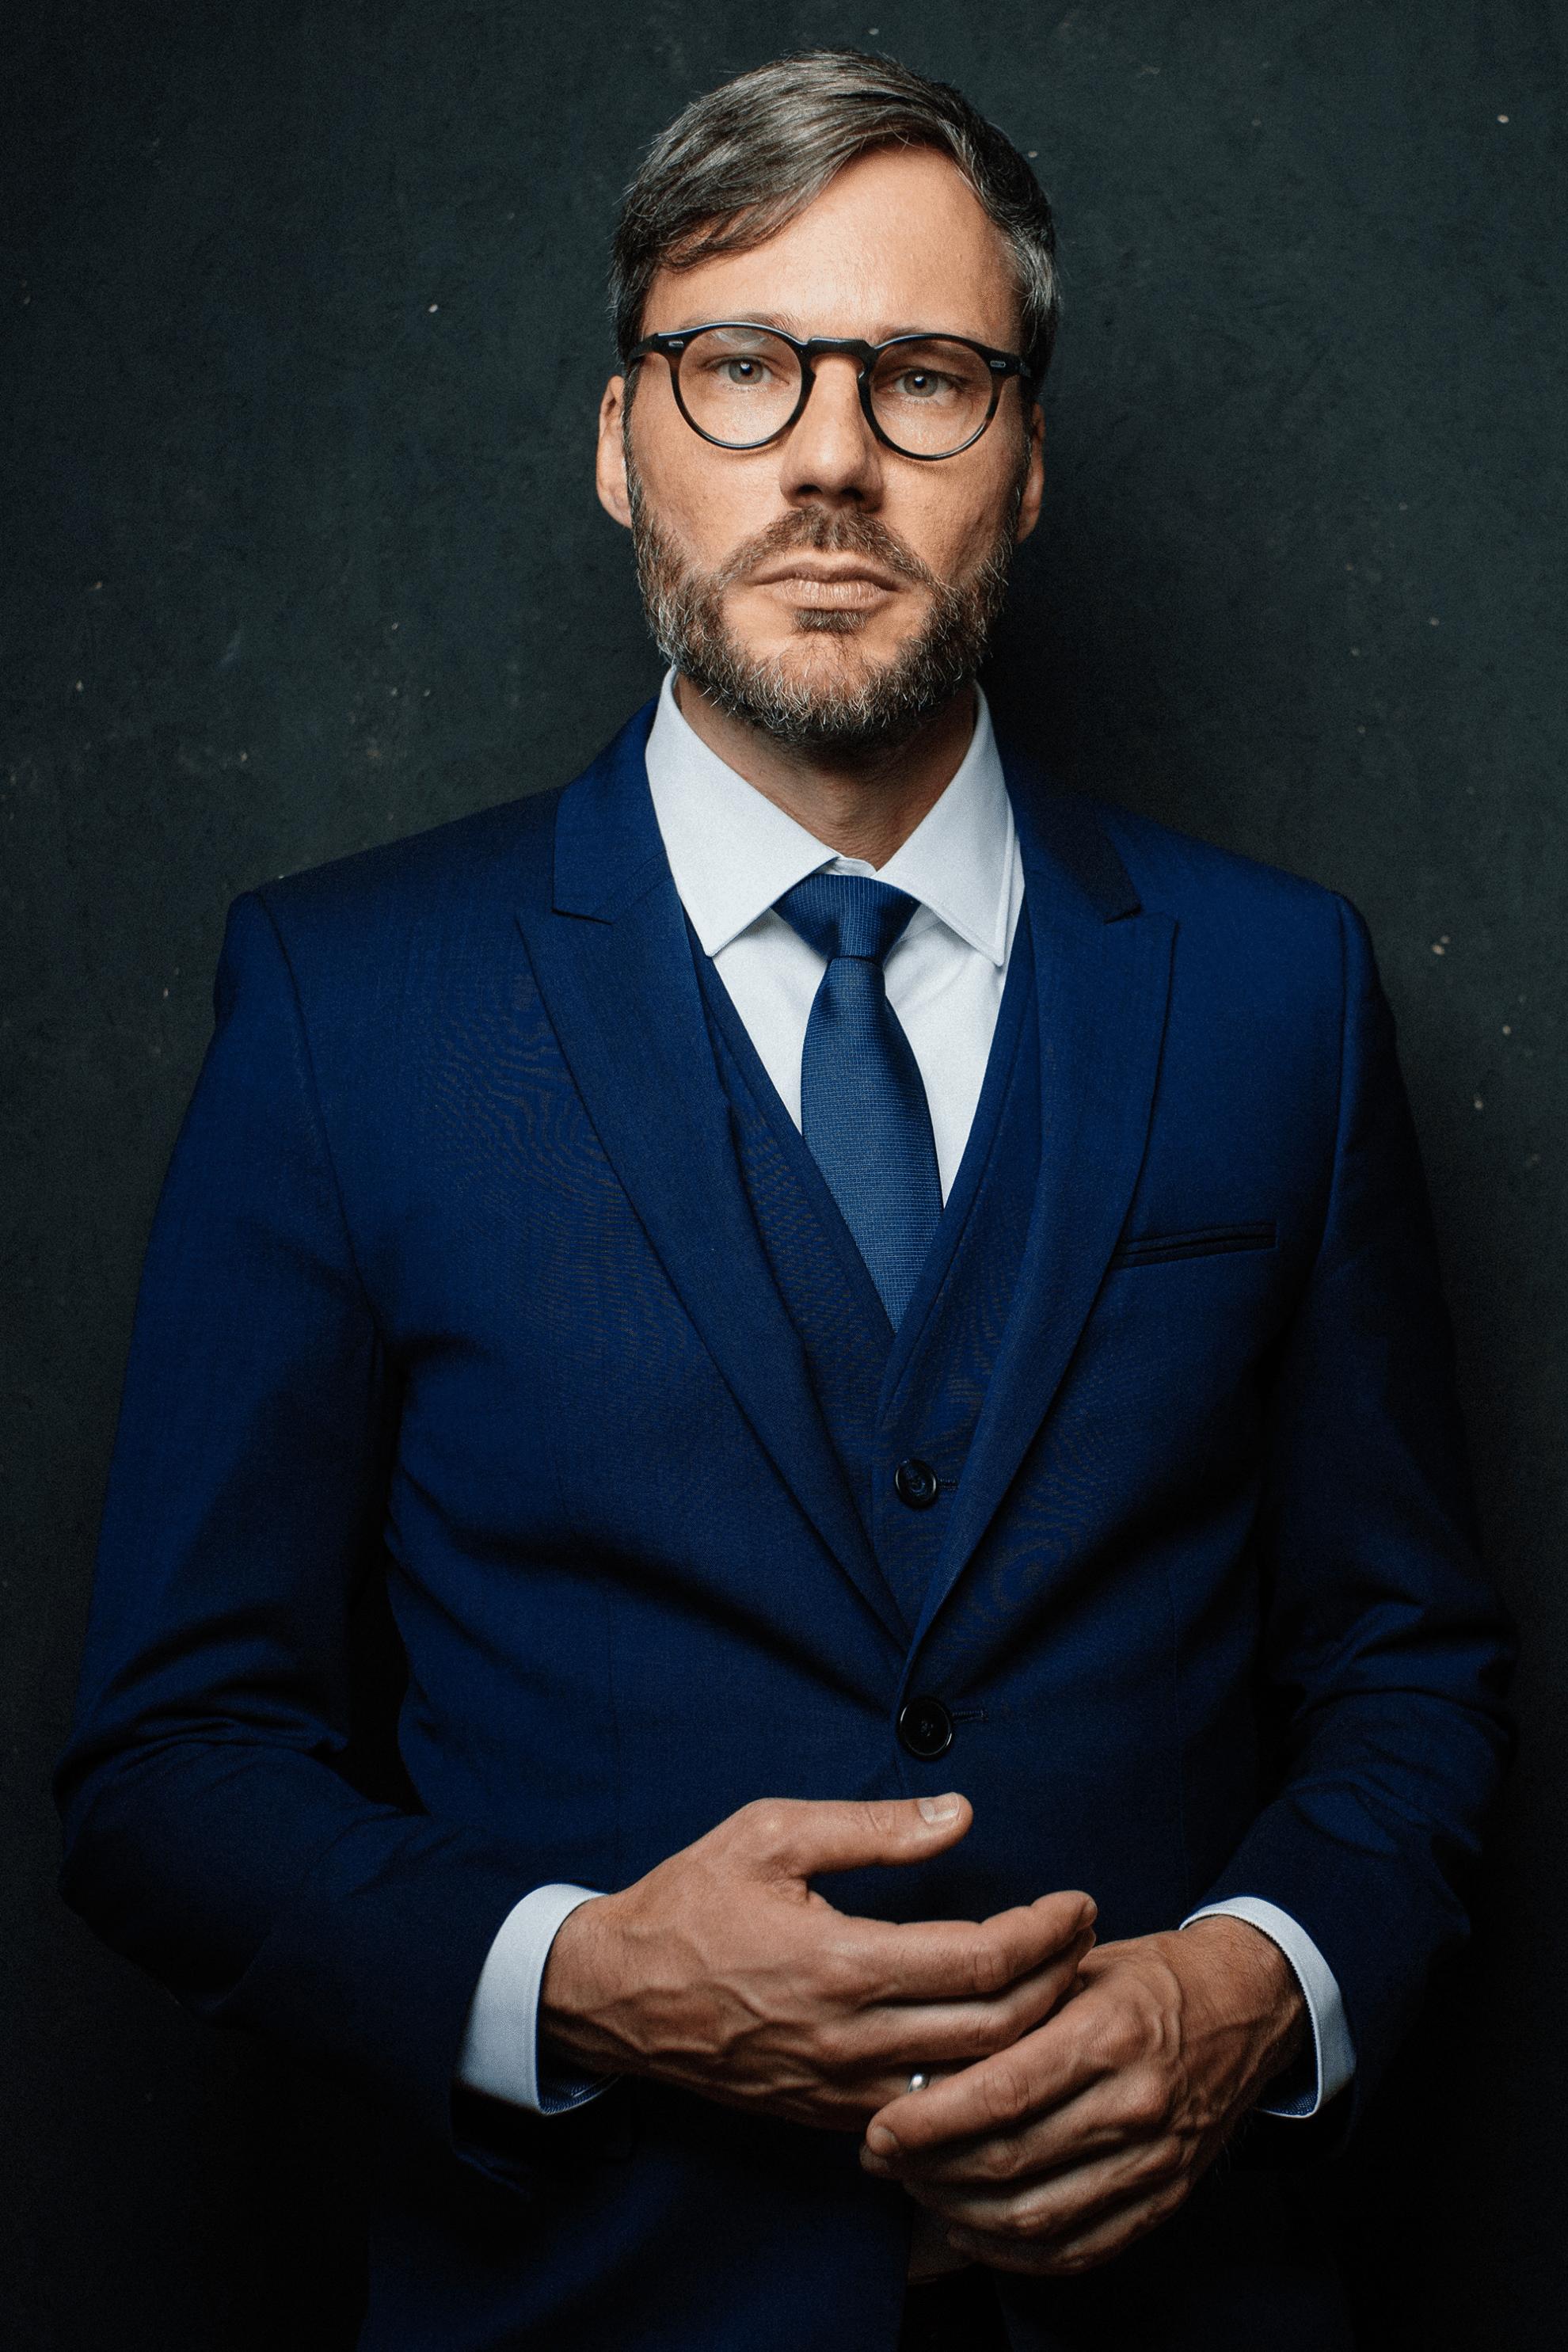 Strafverteidiger Dr. Jesko Baumhöfener aus Hamburg